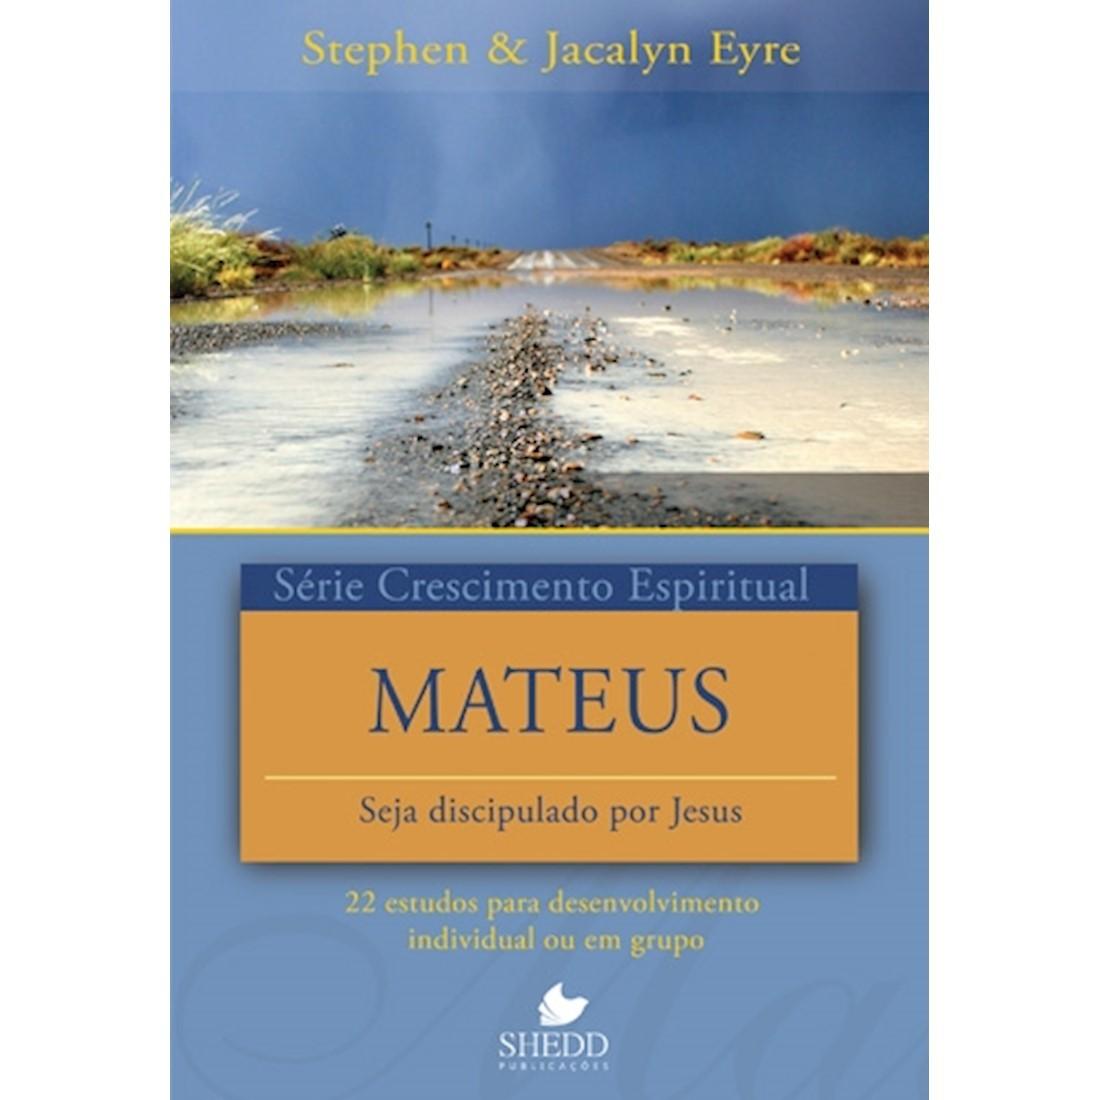 Livro Série Crescimento Espiritual - Mateus